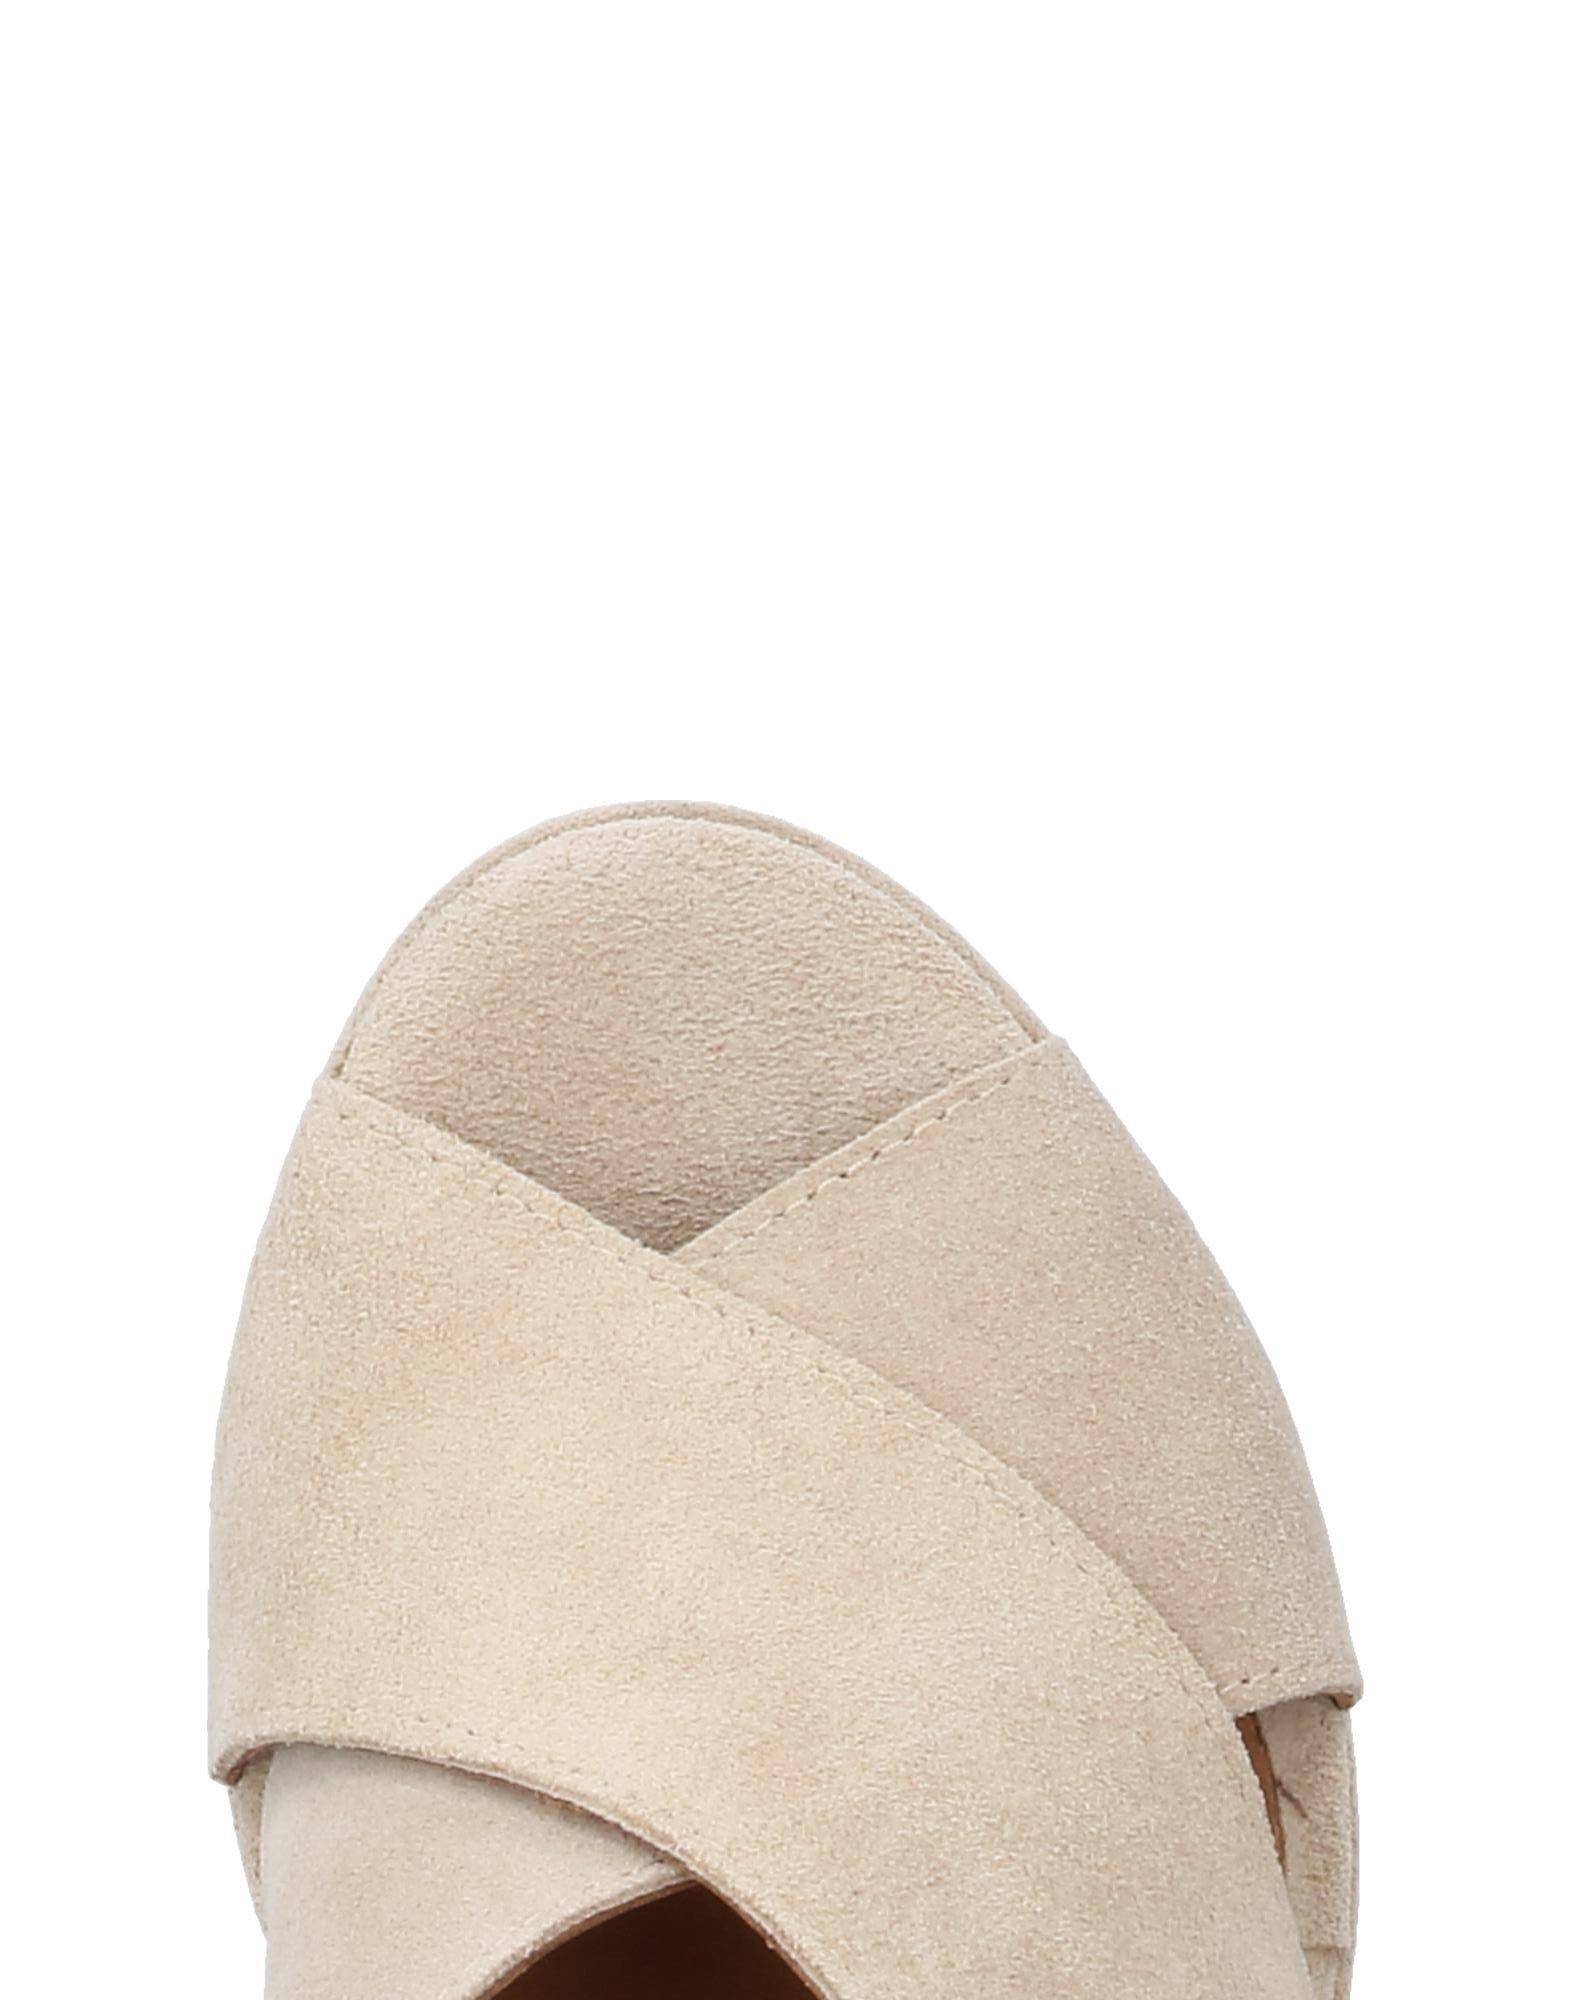 Fiorina Sandalen Damen  11473104JH Schuhe Gute Qualität beliebte Schuhe 11473104JH d4b97c